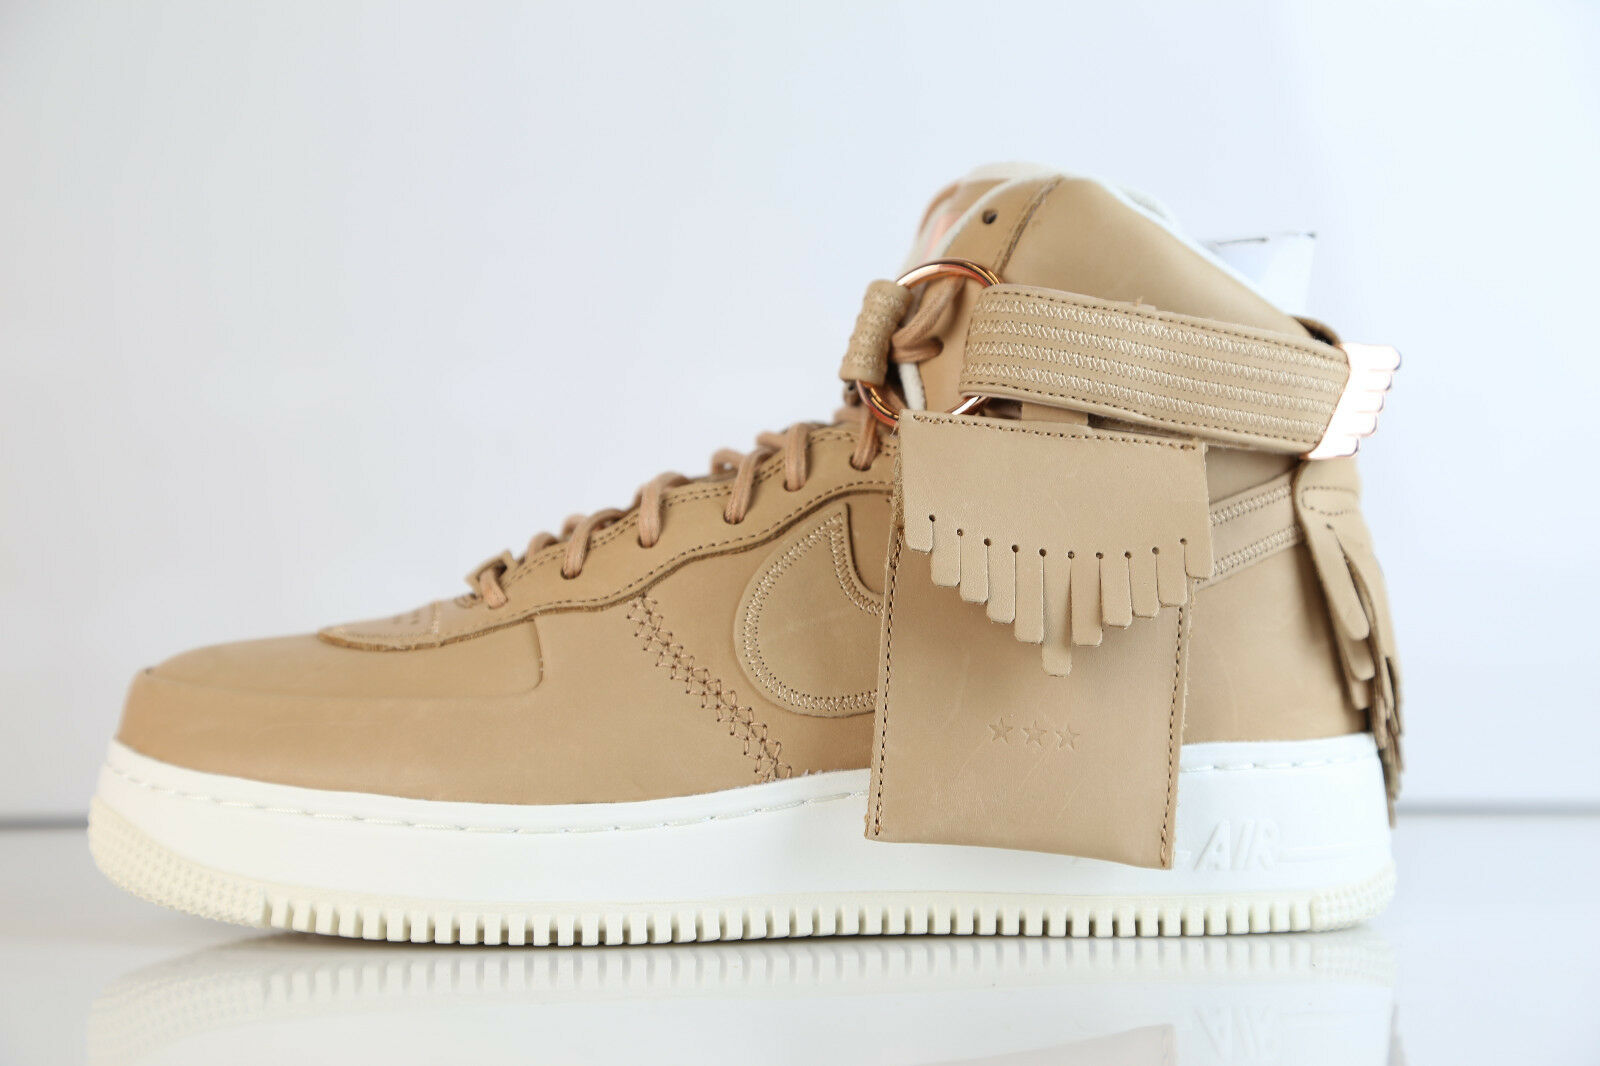 Nike AF1 Hi Sports Luxury 5 Decades Lux Vachetta Tan 919473-200? 8-13 air force